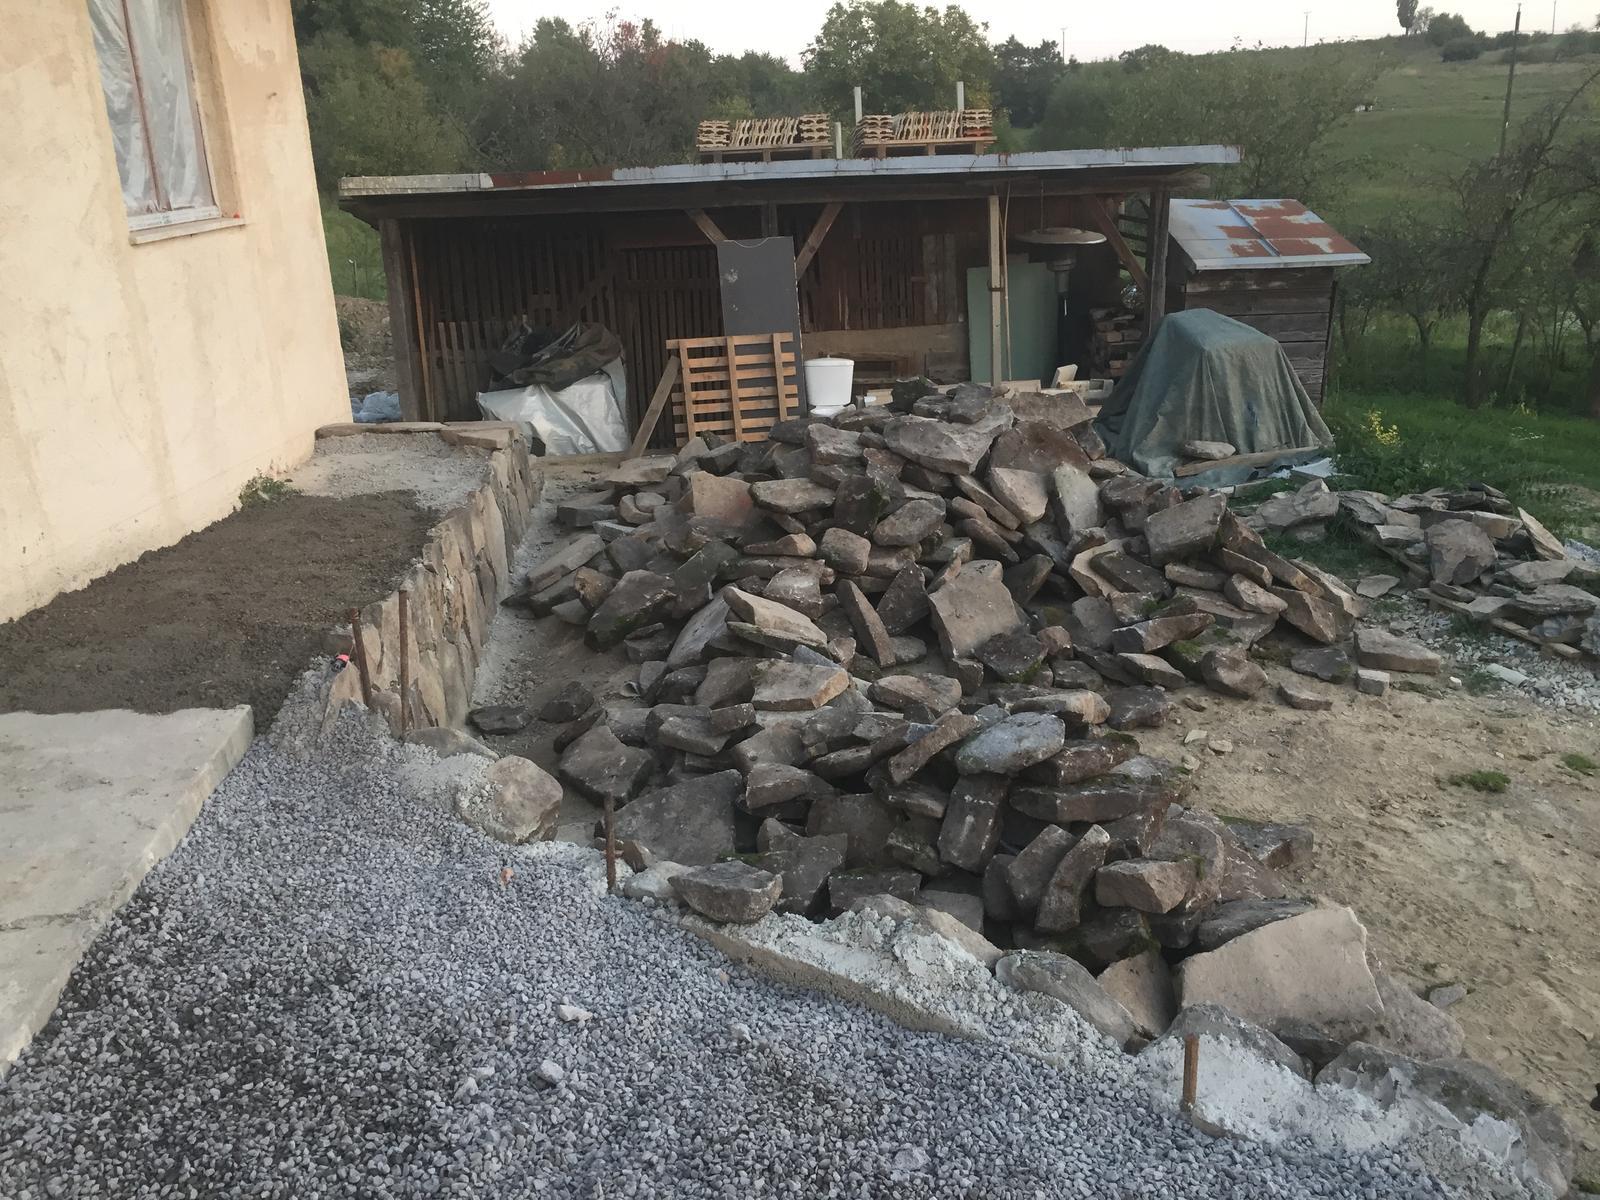 HACIENDA NAPOLI SEBECHLEBY - z tejto haldy kamena vznikne murik, terasa a chodnik